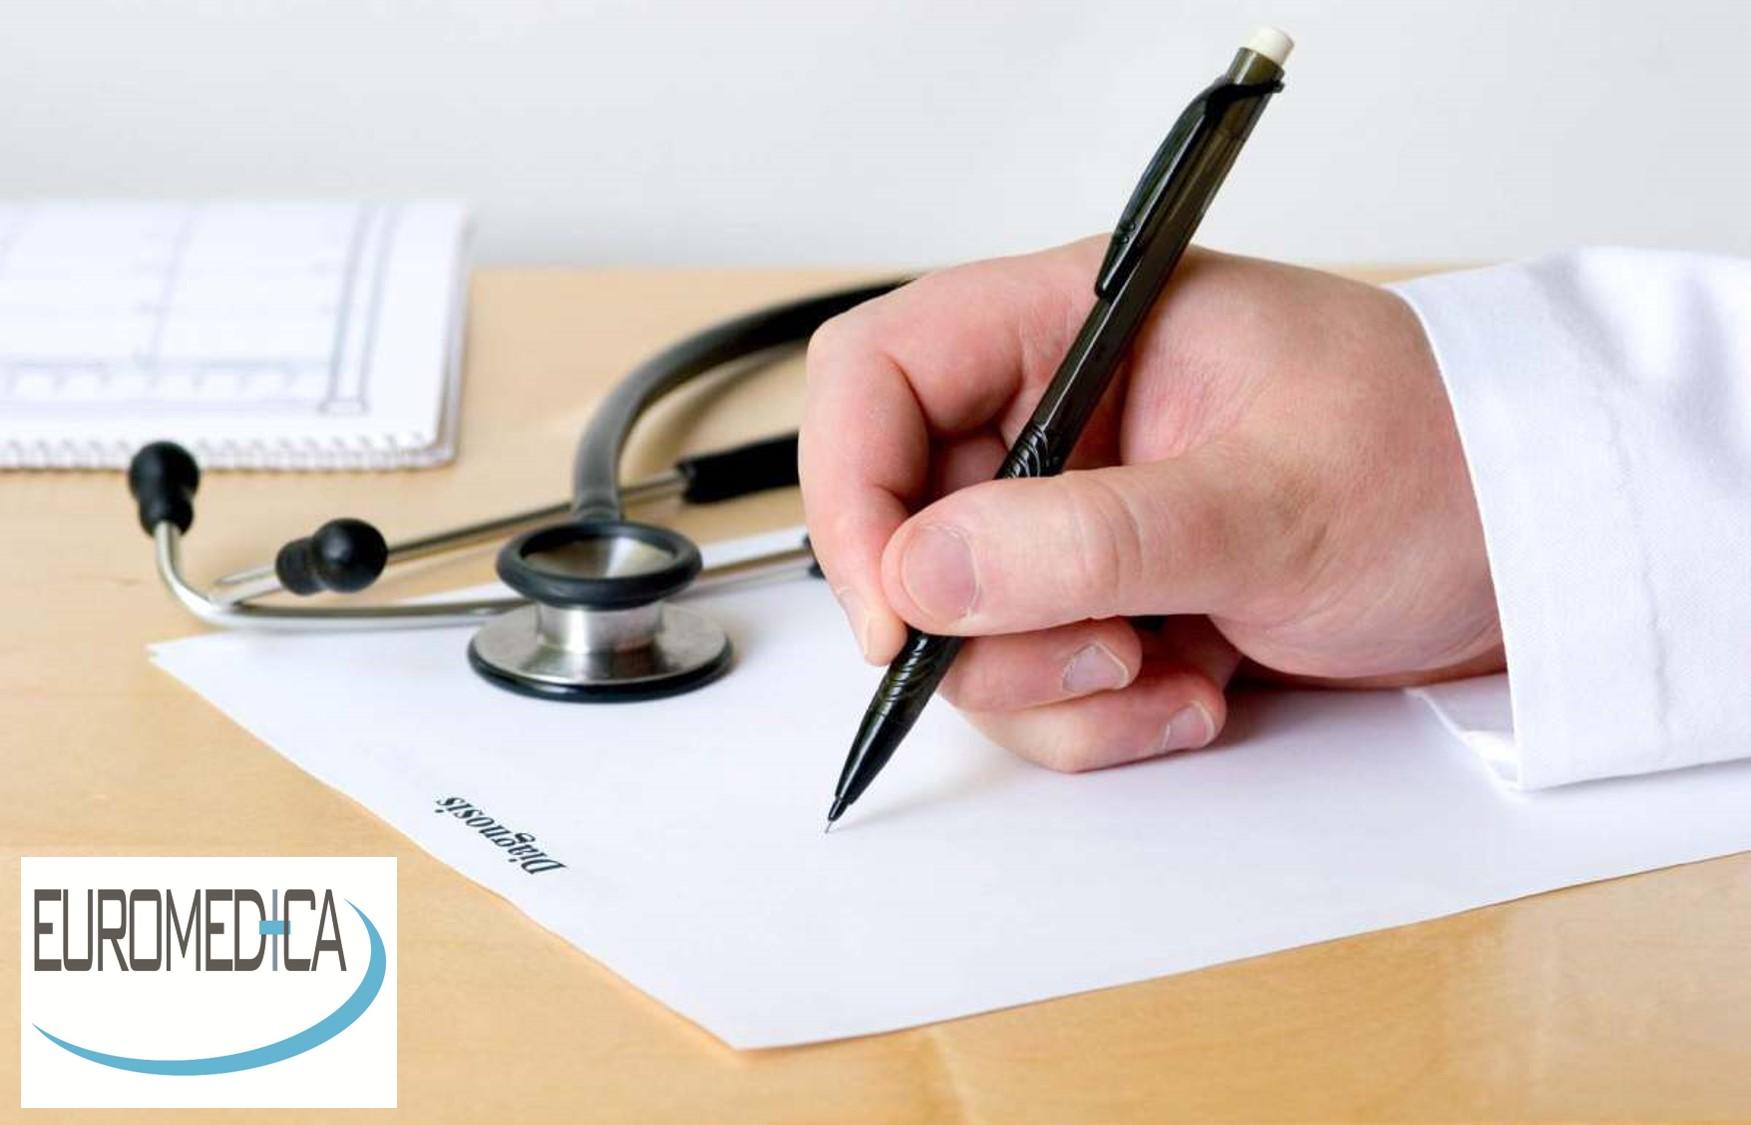 20€ από 50€ για Πλήρες πακέτο εξετάσεων για την Έκδοση Πιστοποιητικού Υγείας (Aκτινογραφία θώρακος, Kαλλιέργεια Κοπράνων, Παρασιτολoγική κοπράνων), στην EUROMEDICA στο Χαλάνδρι